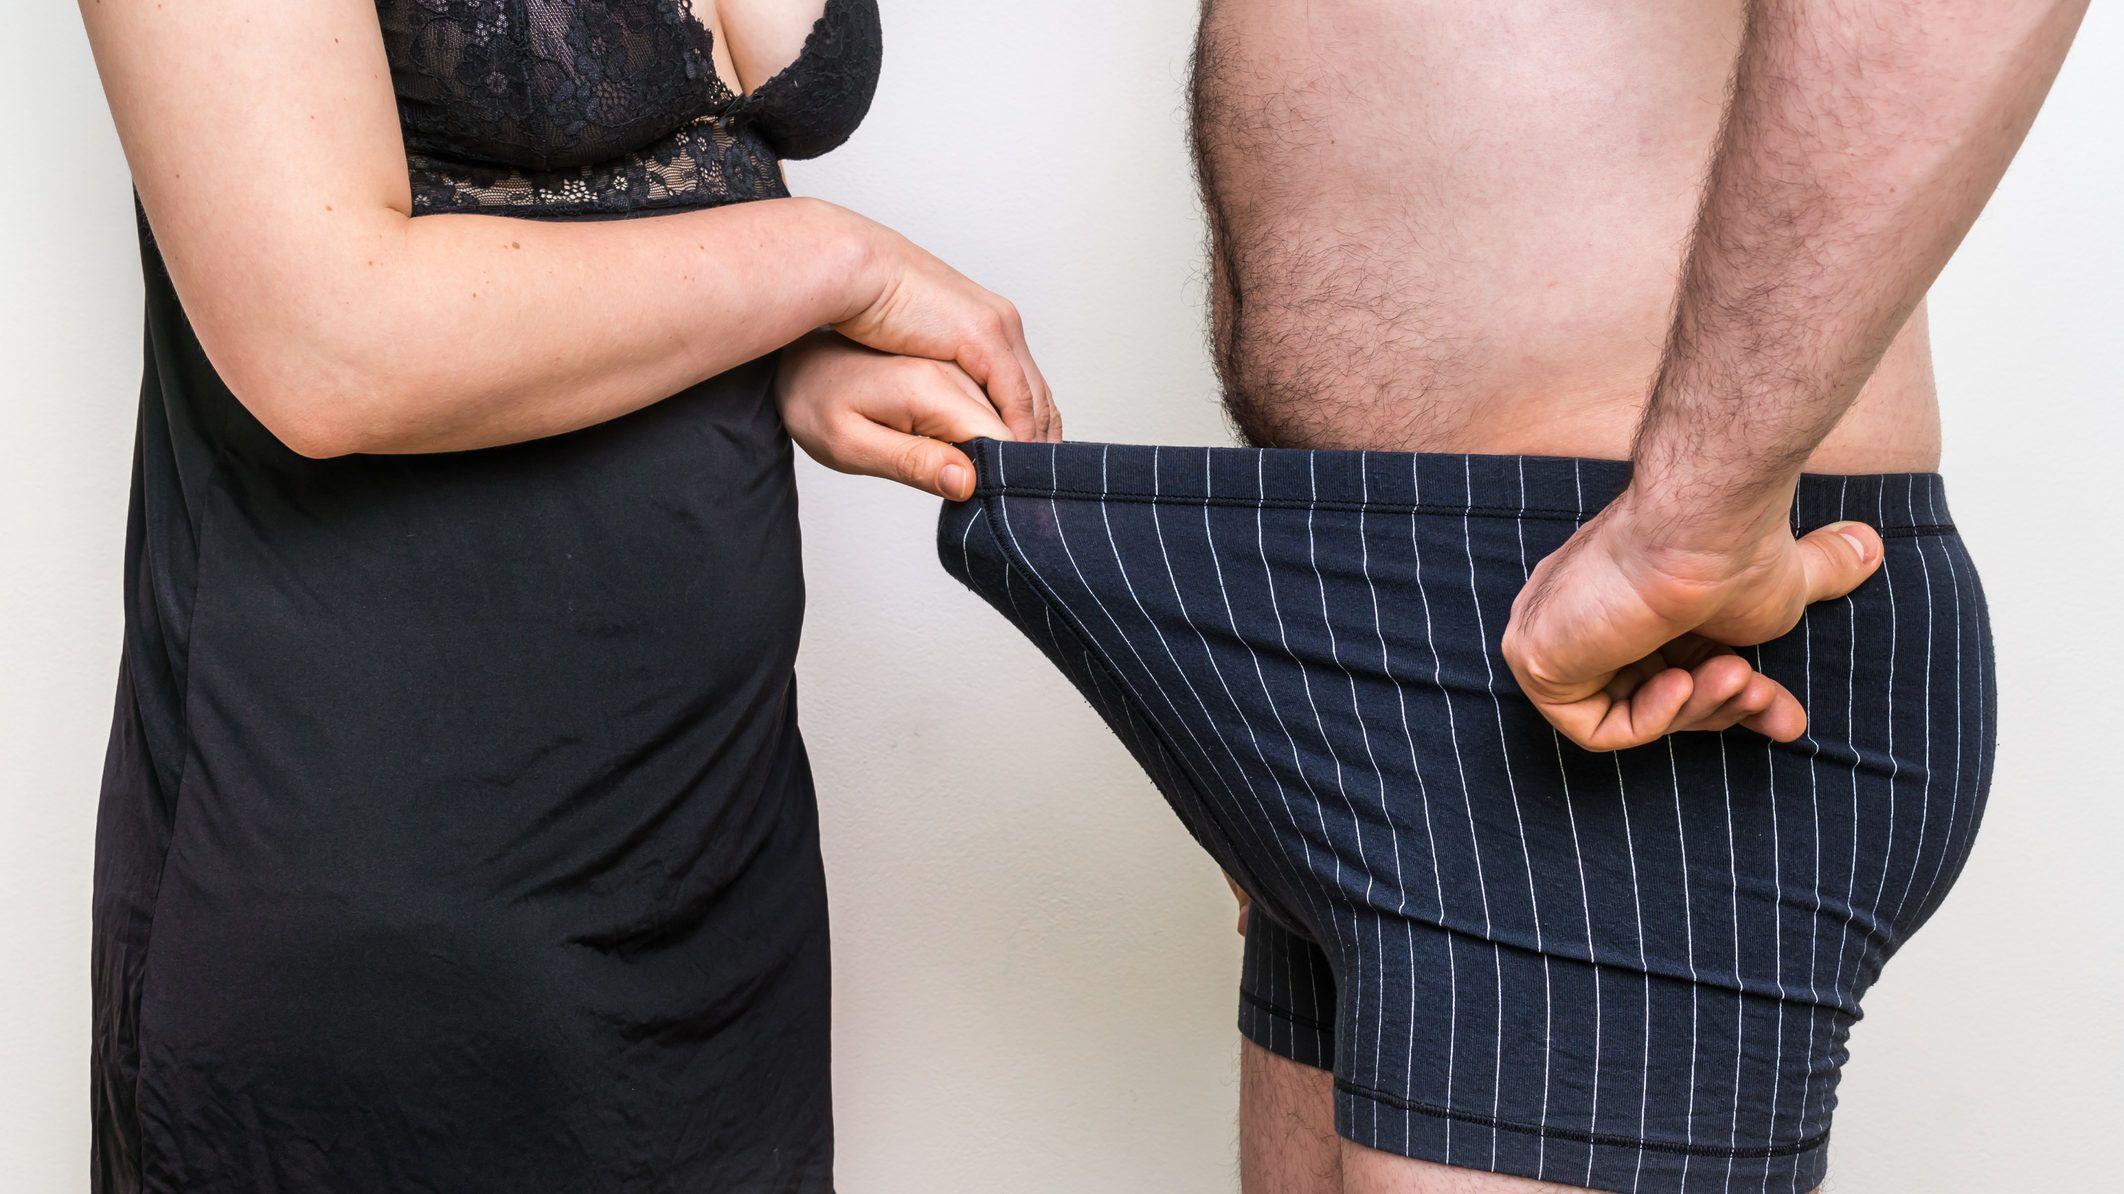 pénisz 21 centiméter mi jelenhet meg a péniszen